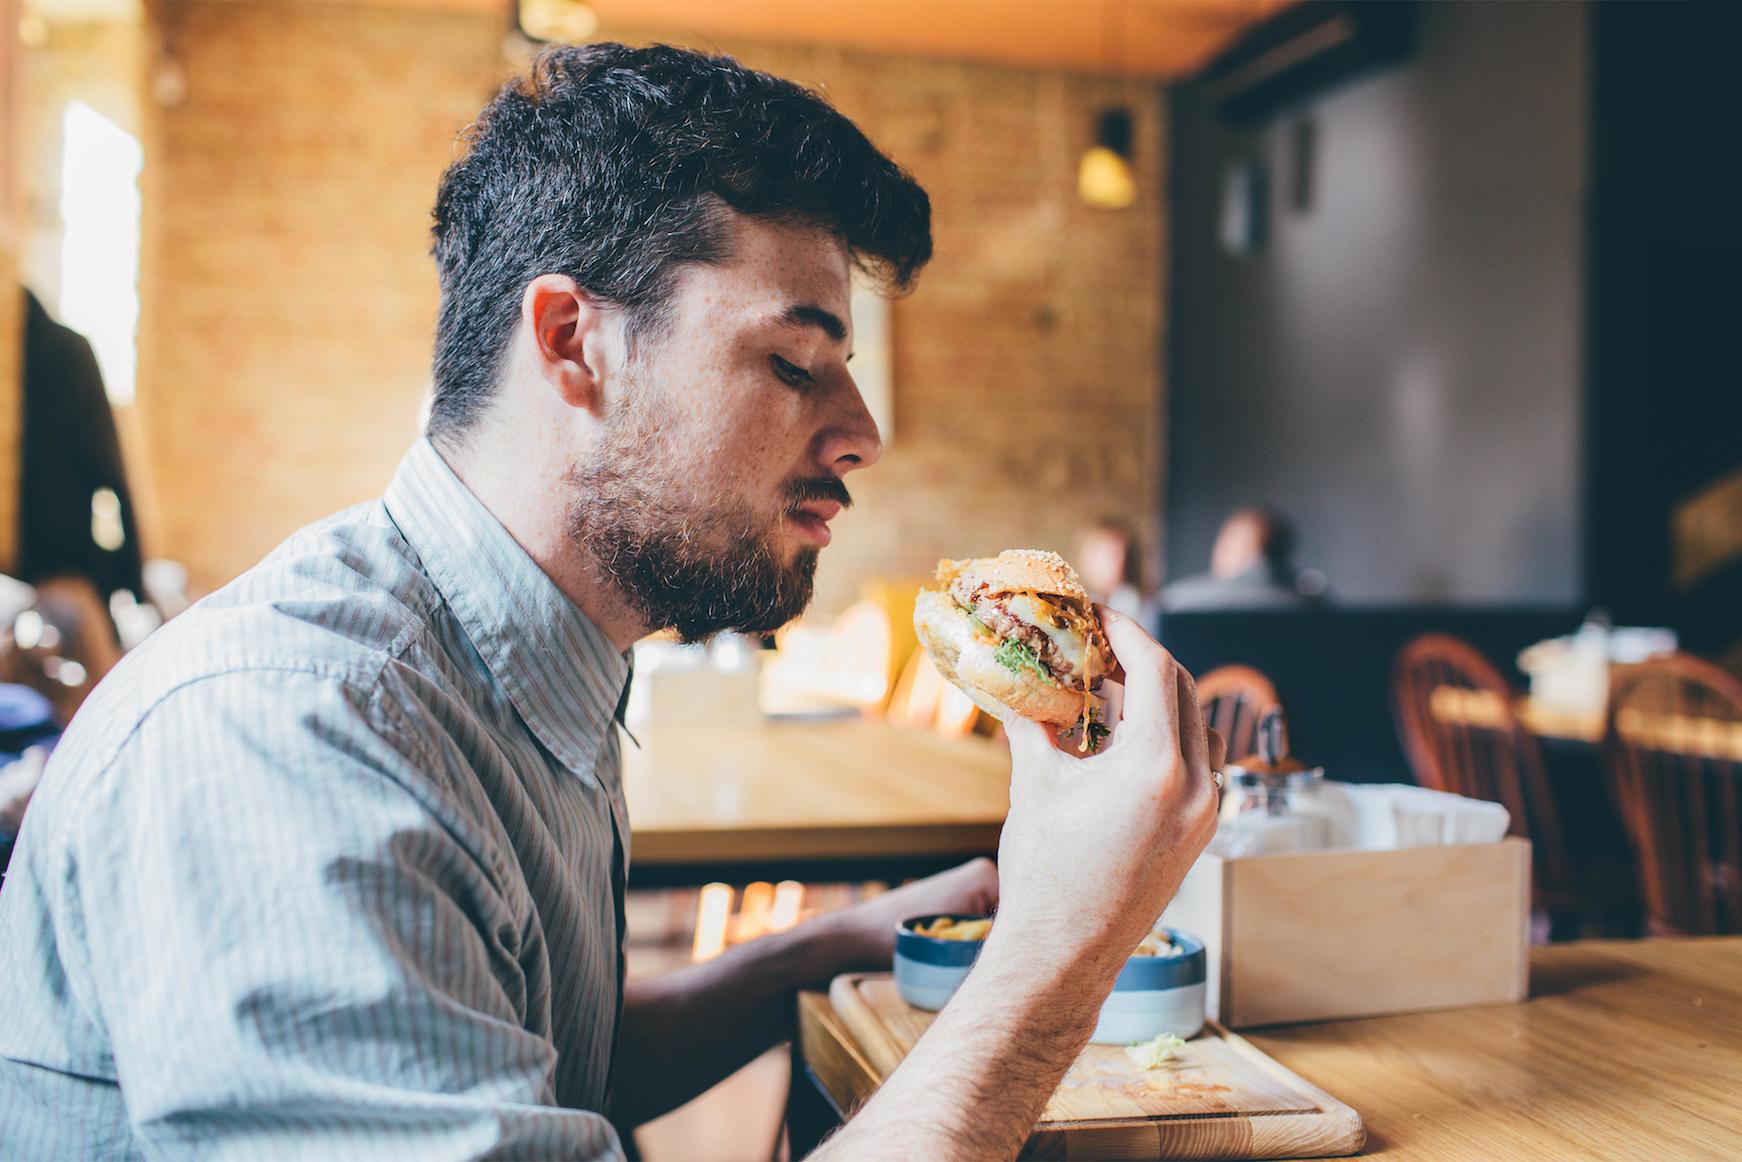 учесть фото мужчина обедает можно